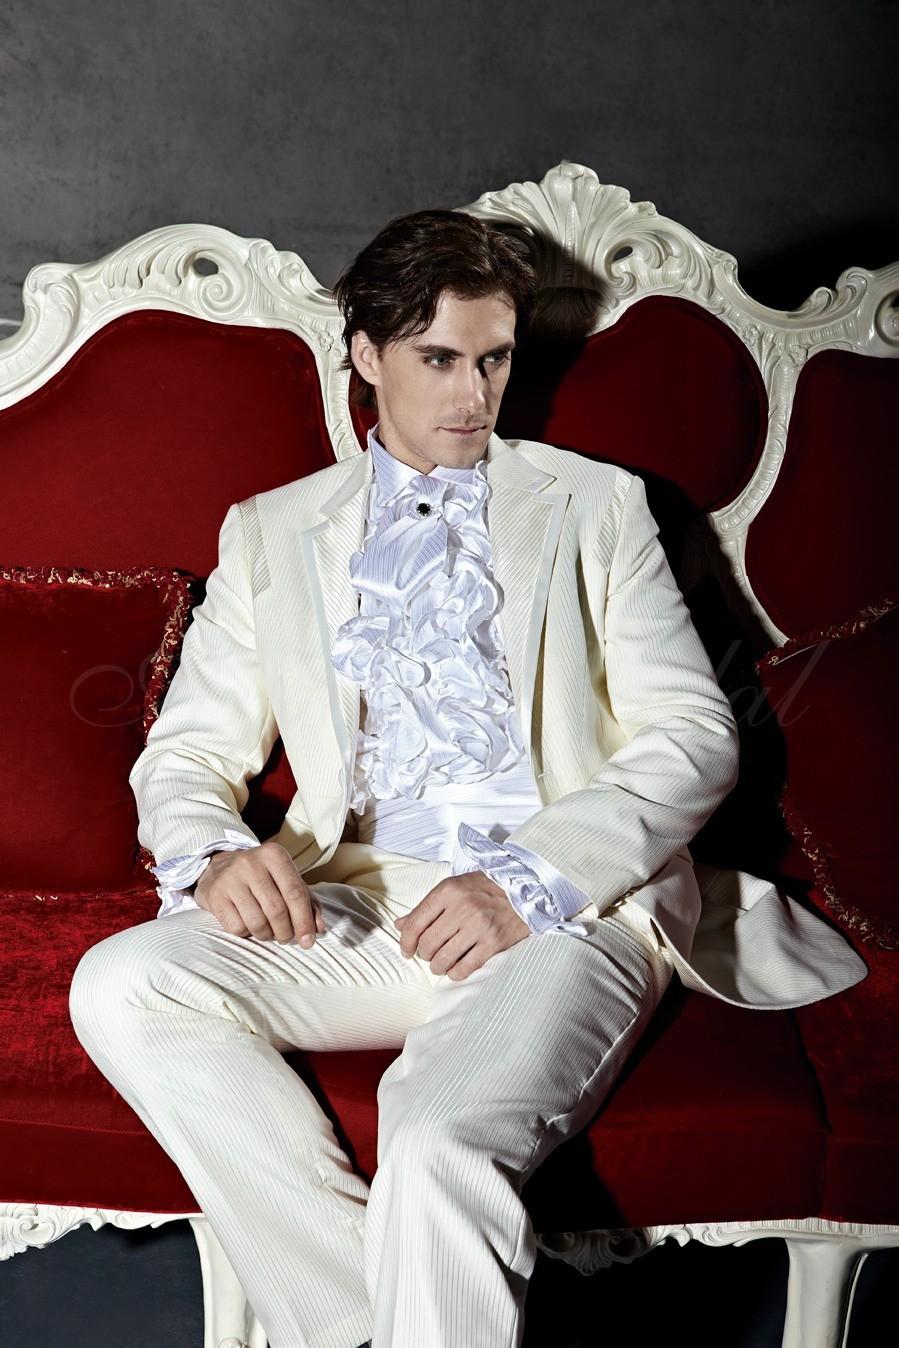 New 2013 free shipping white tuxedo free bow  tie free  vest    tuxedos mens wedding suit No.03092